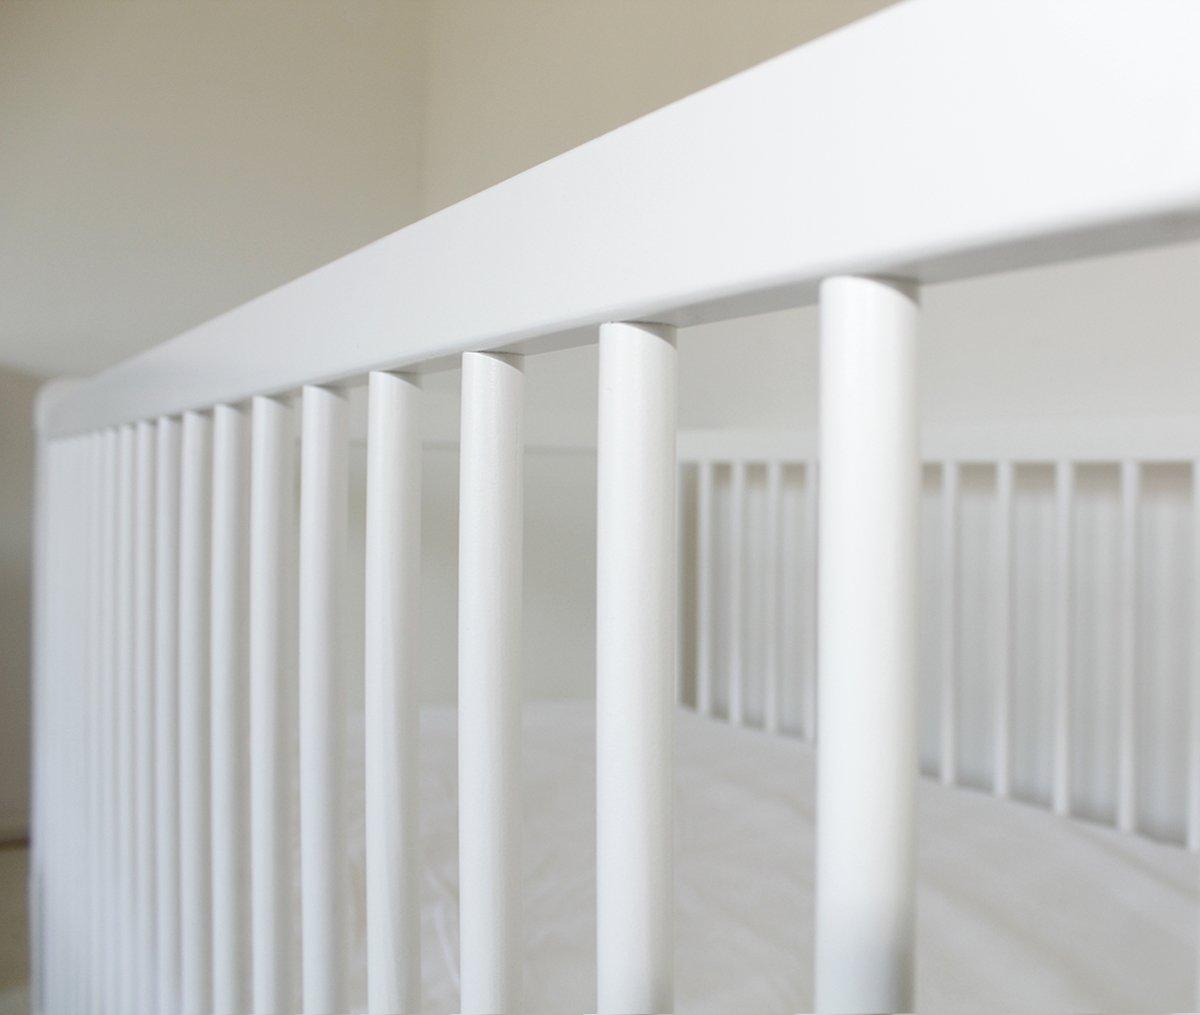 Cuna bebé convertible 140 x 70 color pino natural con lados BLANCOS madera de pino estilo VINTAGE. ENVÍO GRATIS!! COLCHÓN GRATIS!!: Amazon.es: Bebé